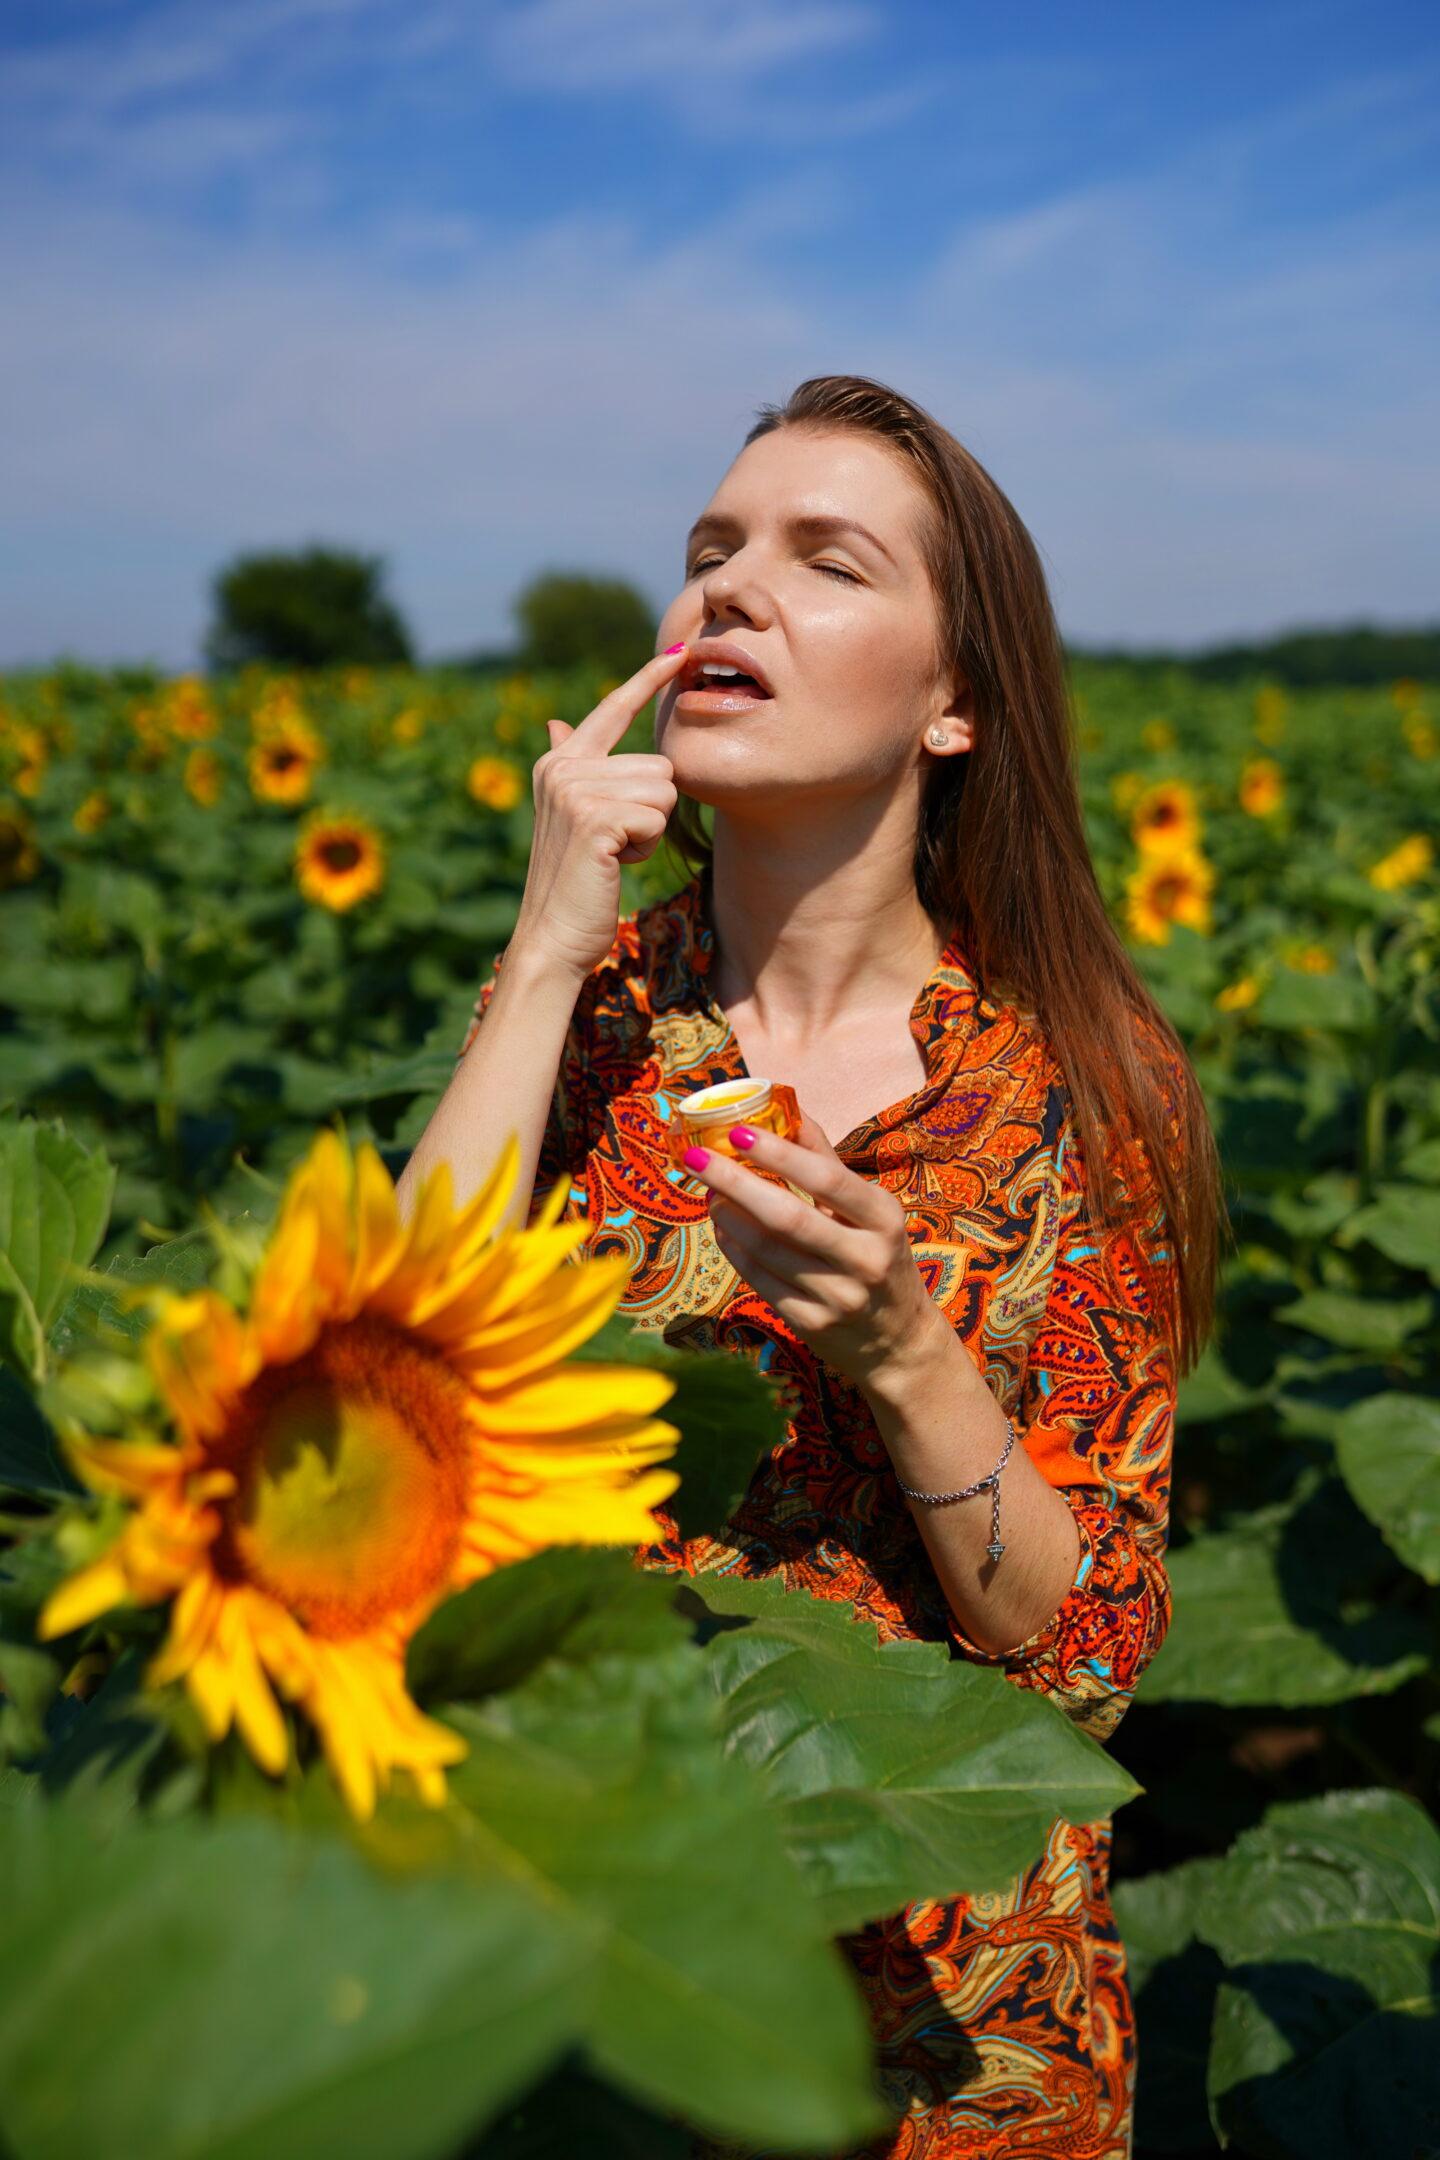 medový balzam Oh honey od Danka beauty cosmetics